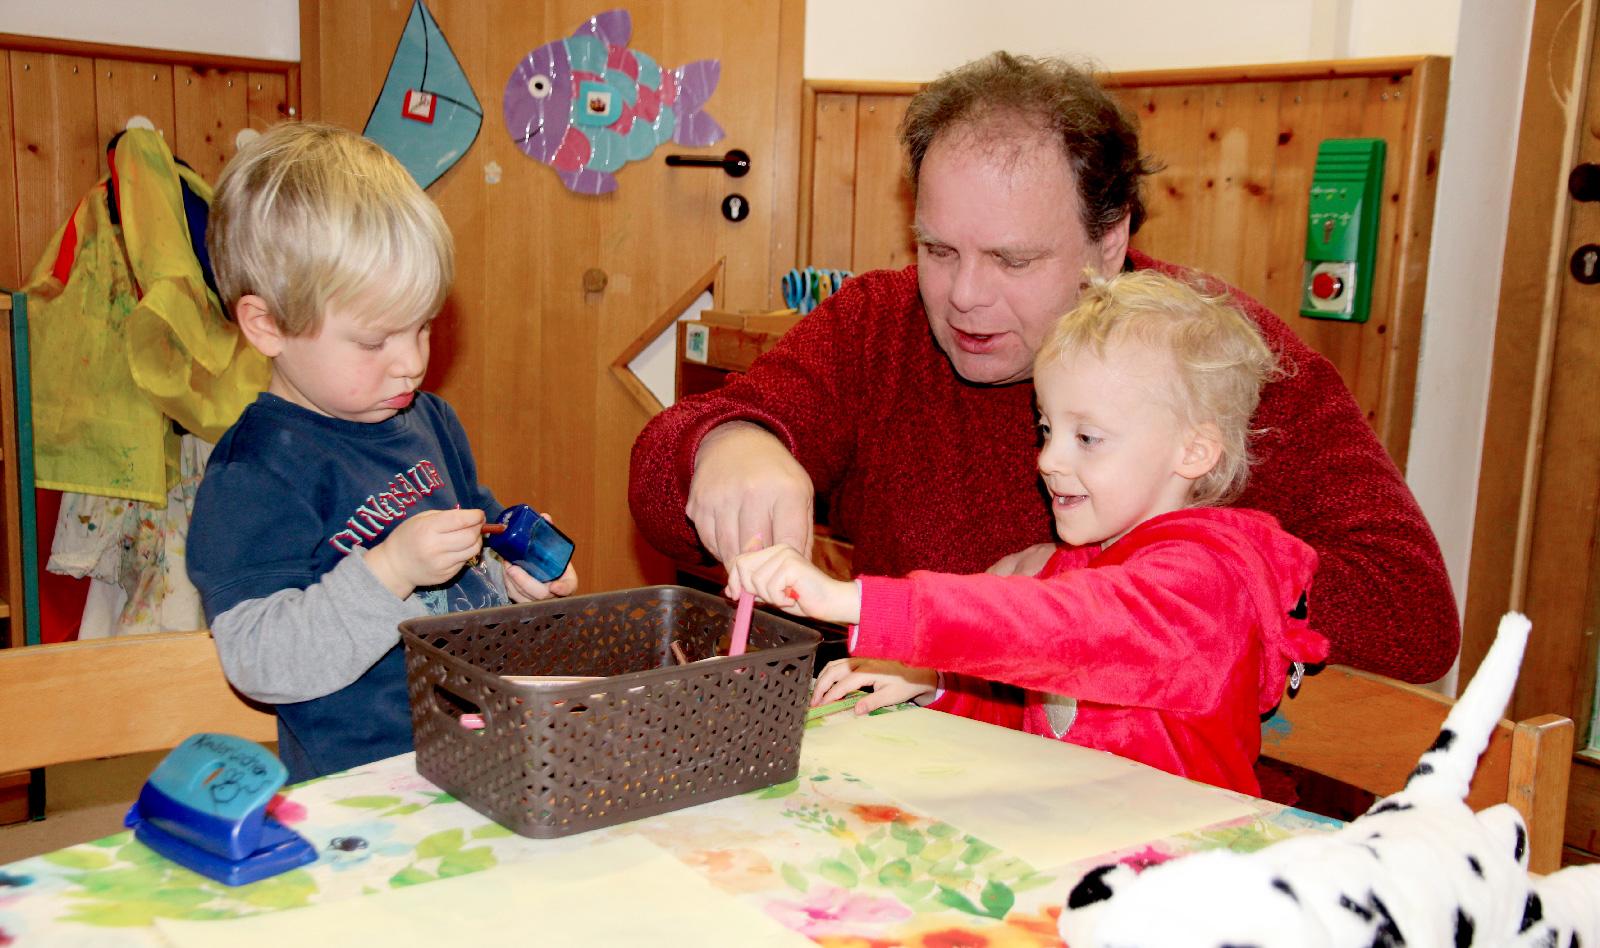 Hotelchef brachte nicht nur Geschenke. Einen Tag lang malte, spielte und bastelte Stefan Marczinkowski mit den Kita-Kindern.